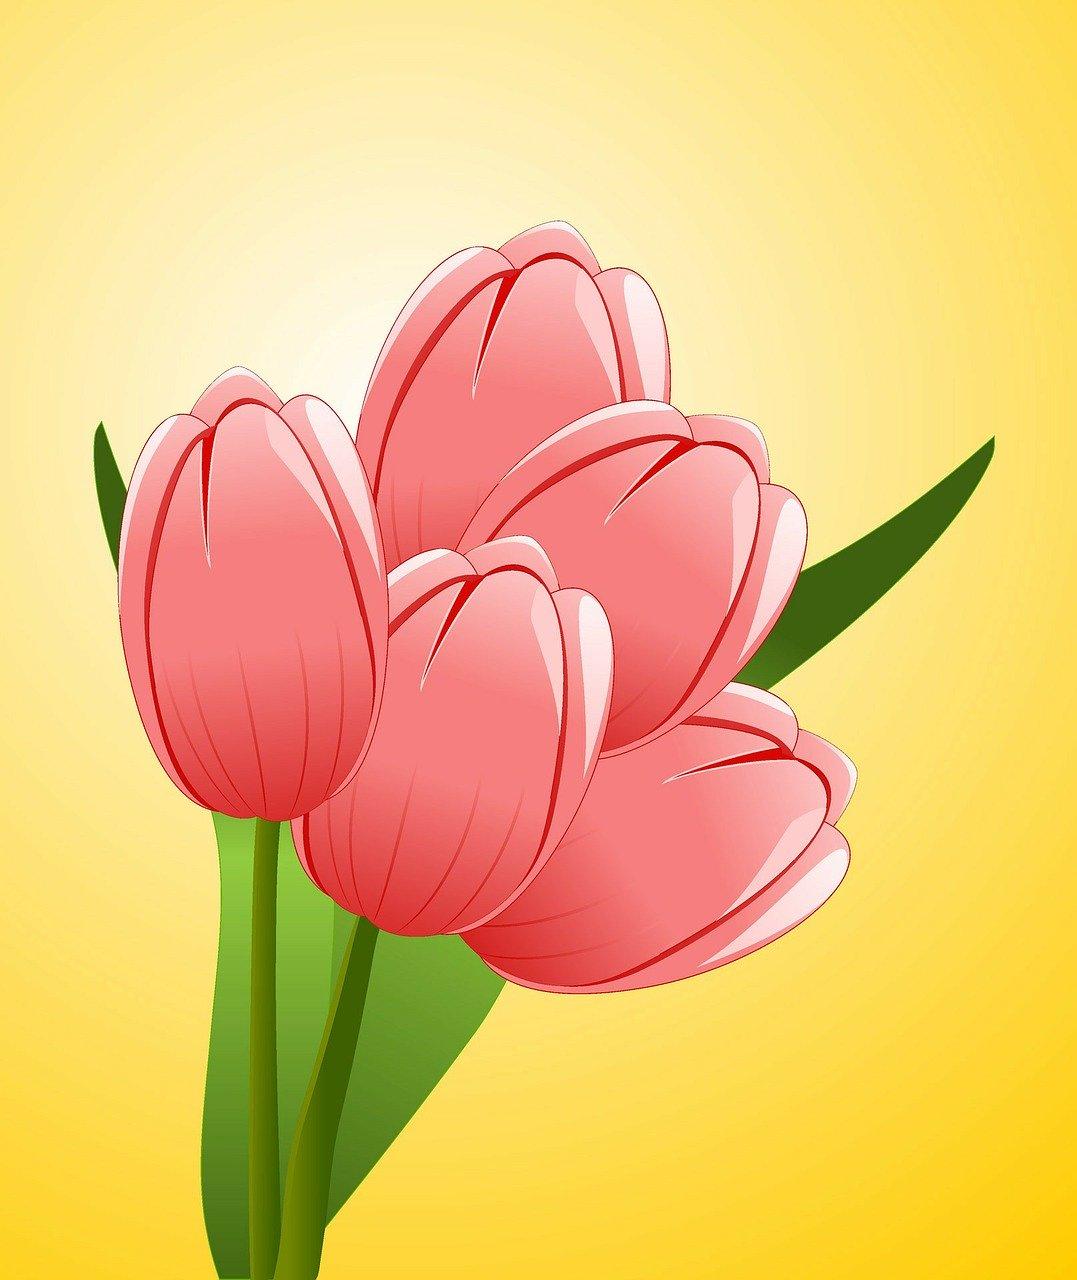 bunga tulip juga salah satu jenis bunga yang terkenal di indonesia 15+ Gambar Bunga Tulip Indah